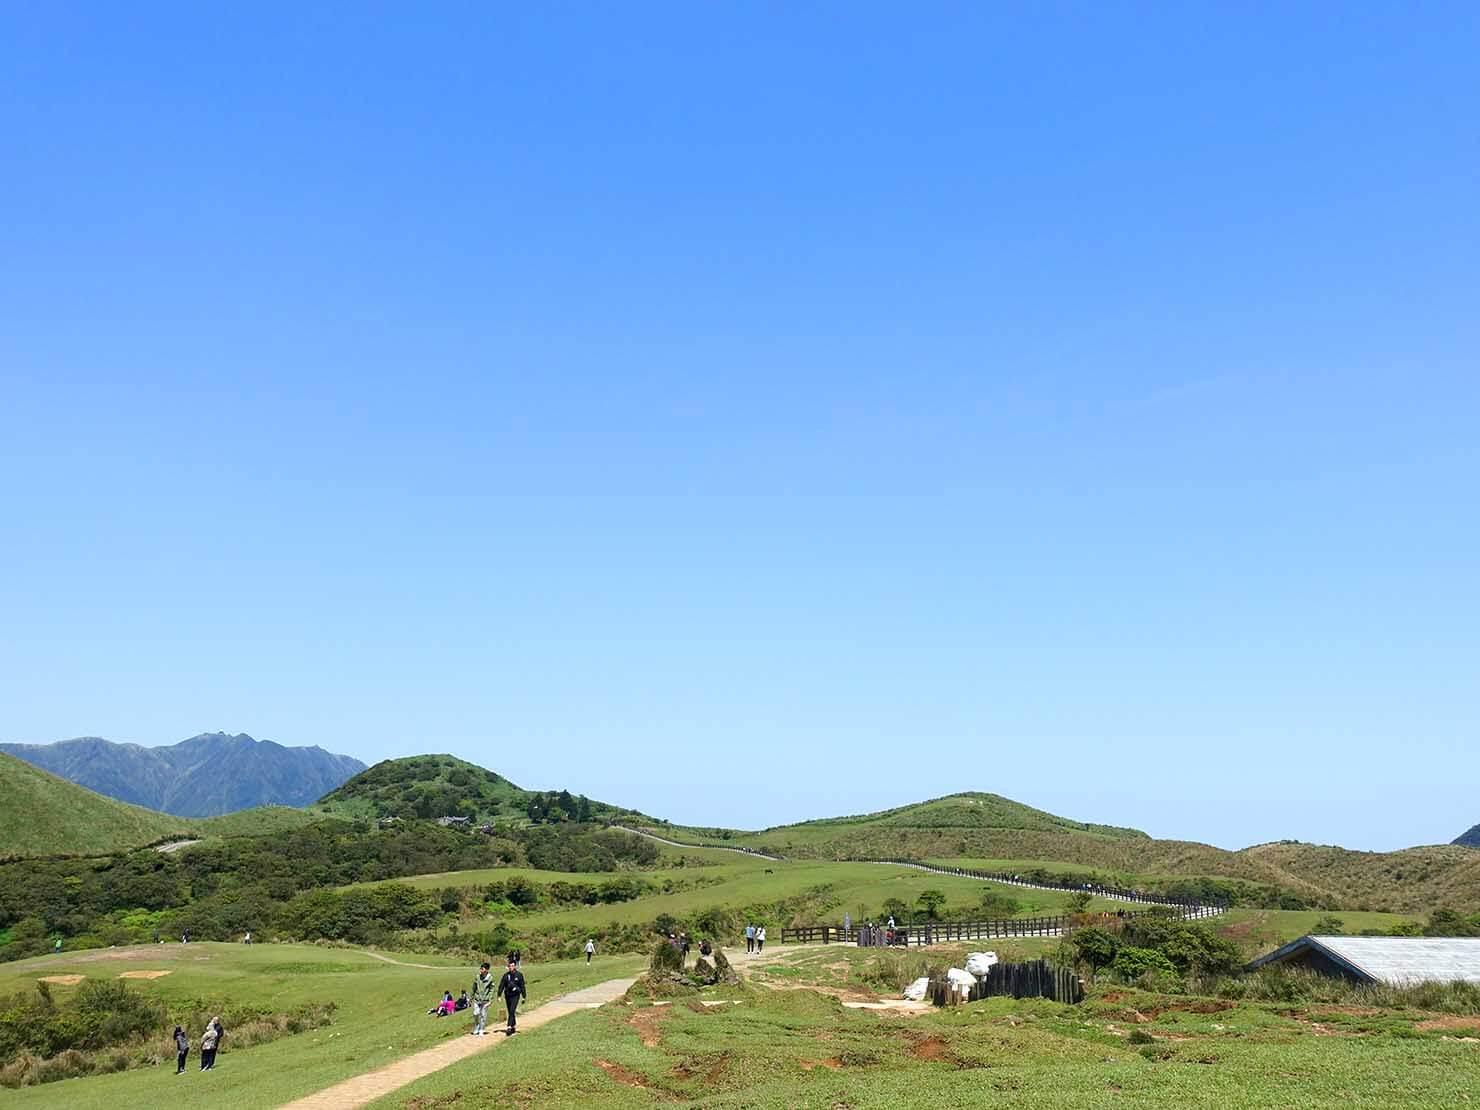 台北・陽明山のおすすめスポット「擎天崗」から望む空